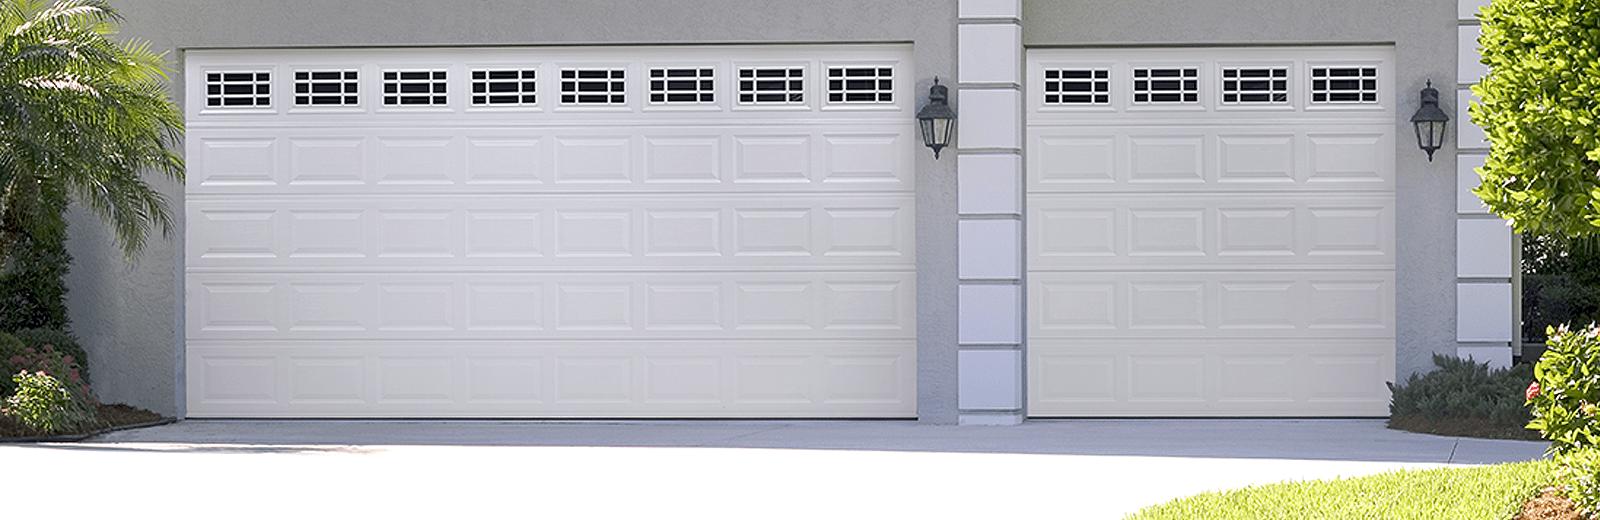 J&S Overhead Garage Door Services – Los Angeles Garage Door Services